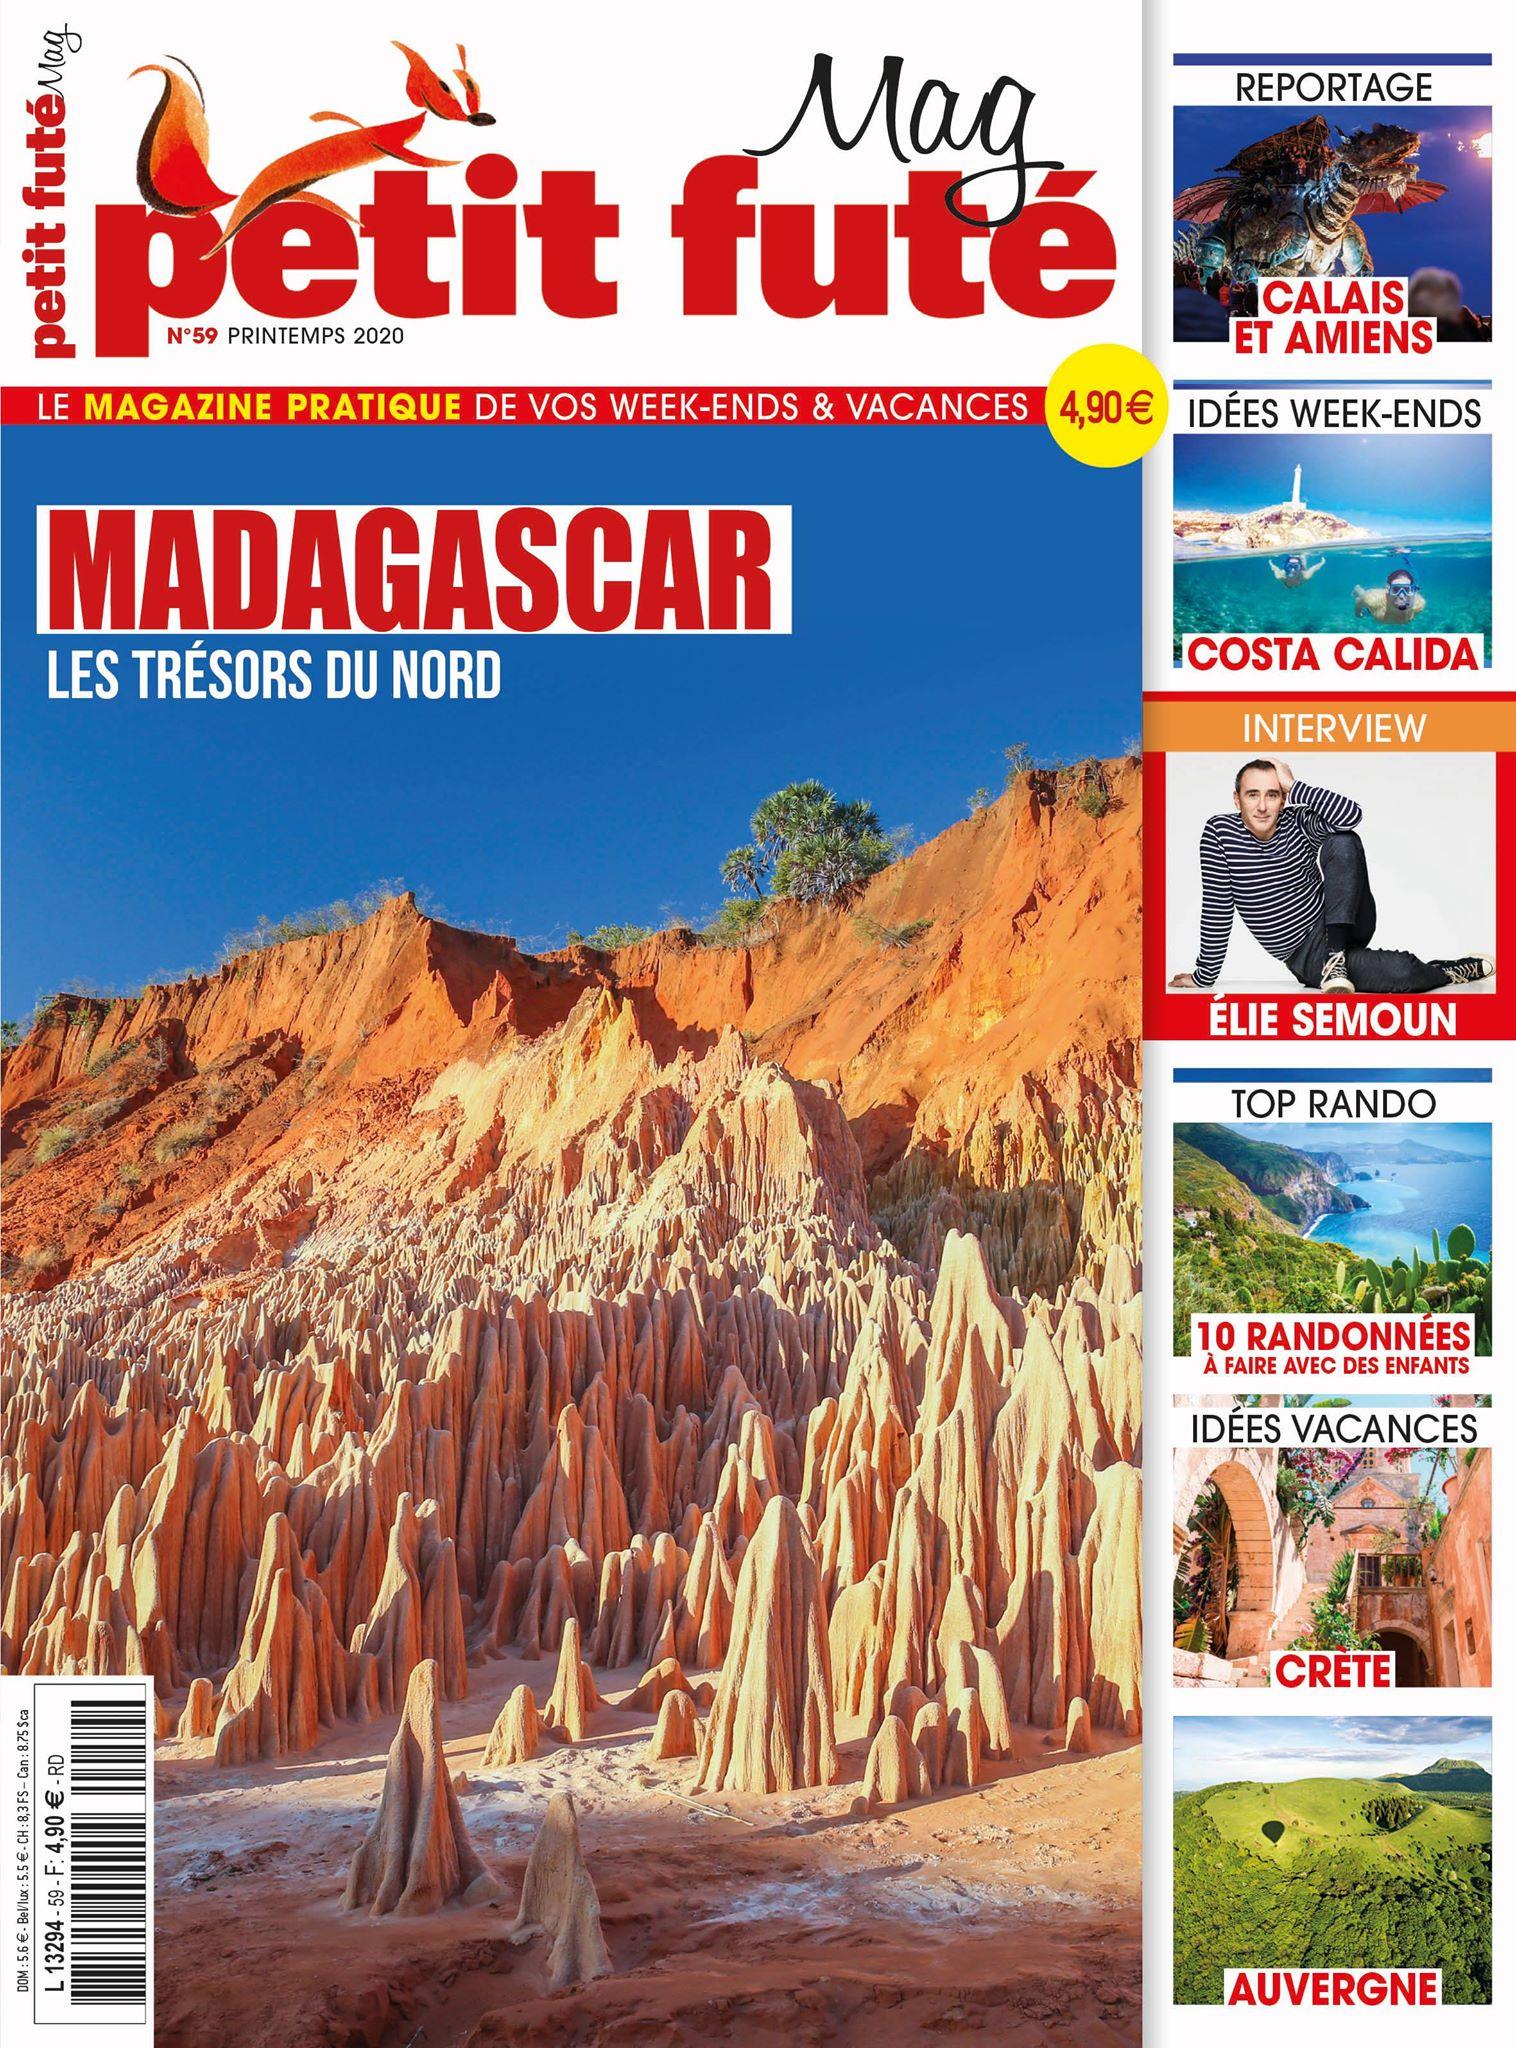 Découvrez gratuitement en ligne le dernier magazine du Petit Futé